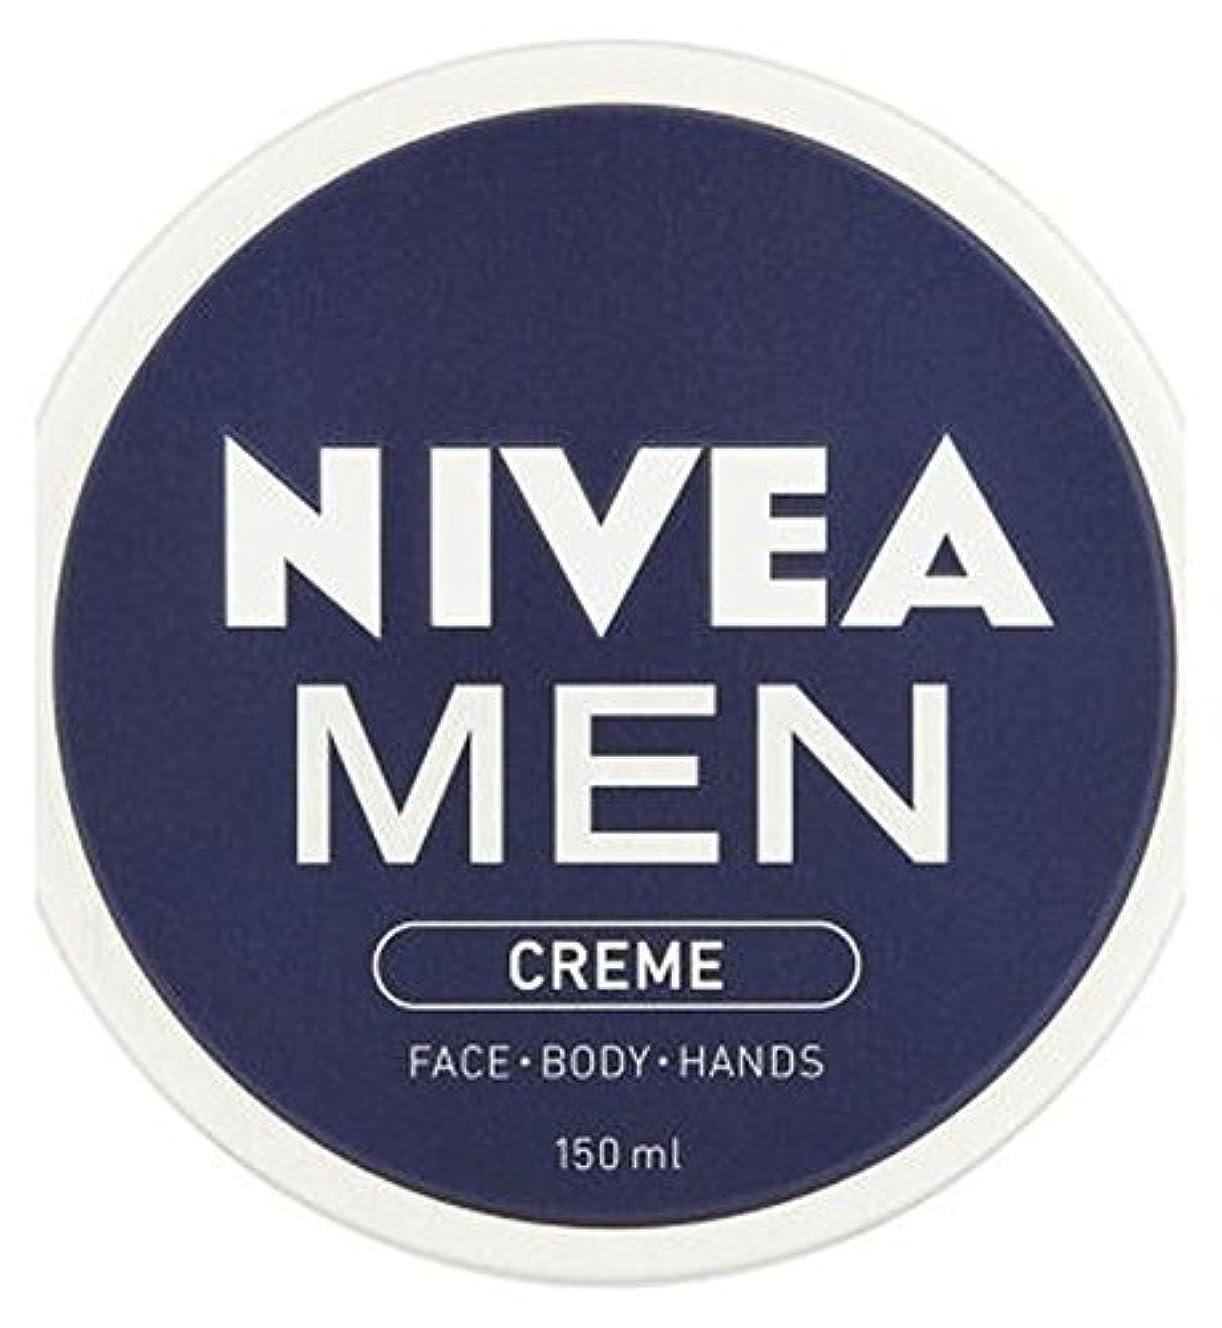 租界予想する太いNIVEA MEN Creme 150ml - ニベアの男性が150ミリリットルクリーム (Nivea) [並行輸入品]